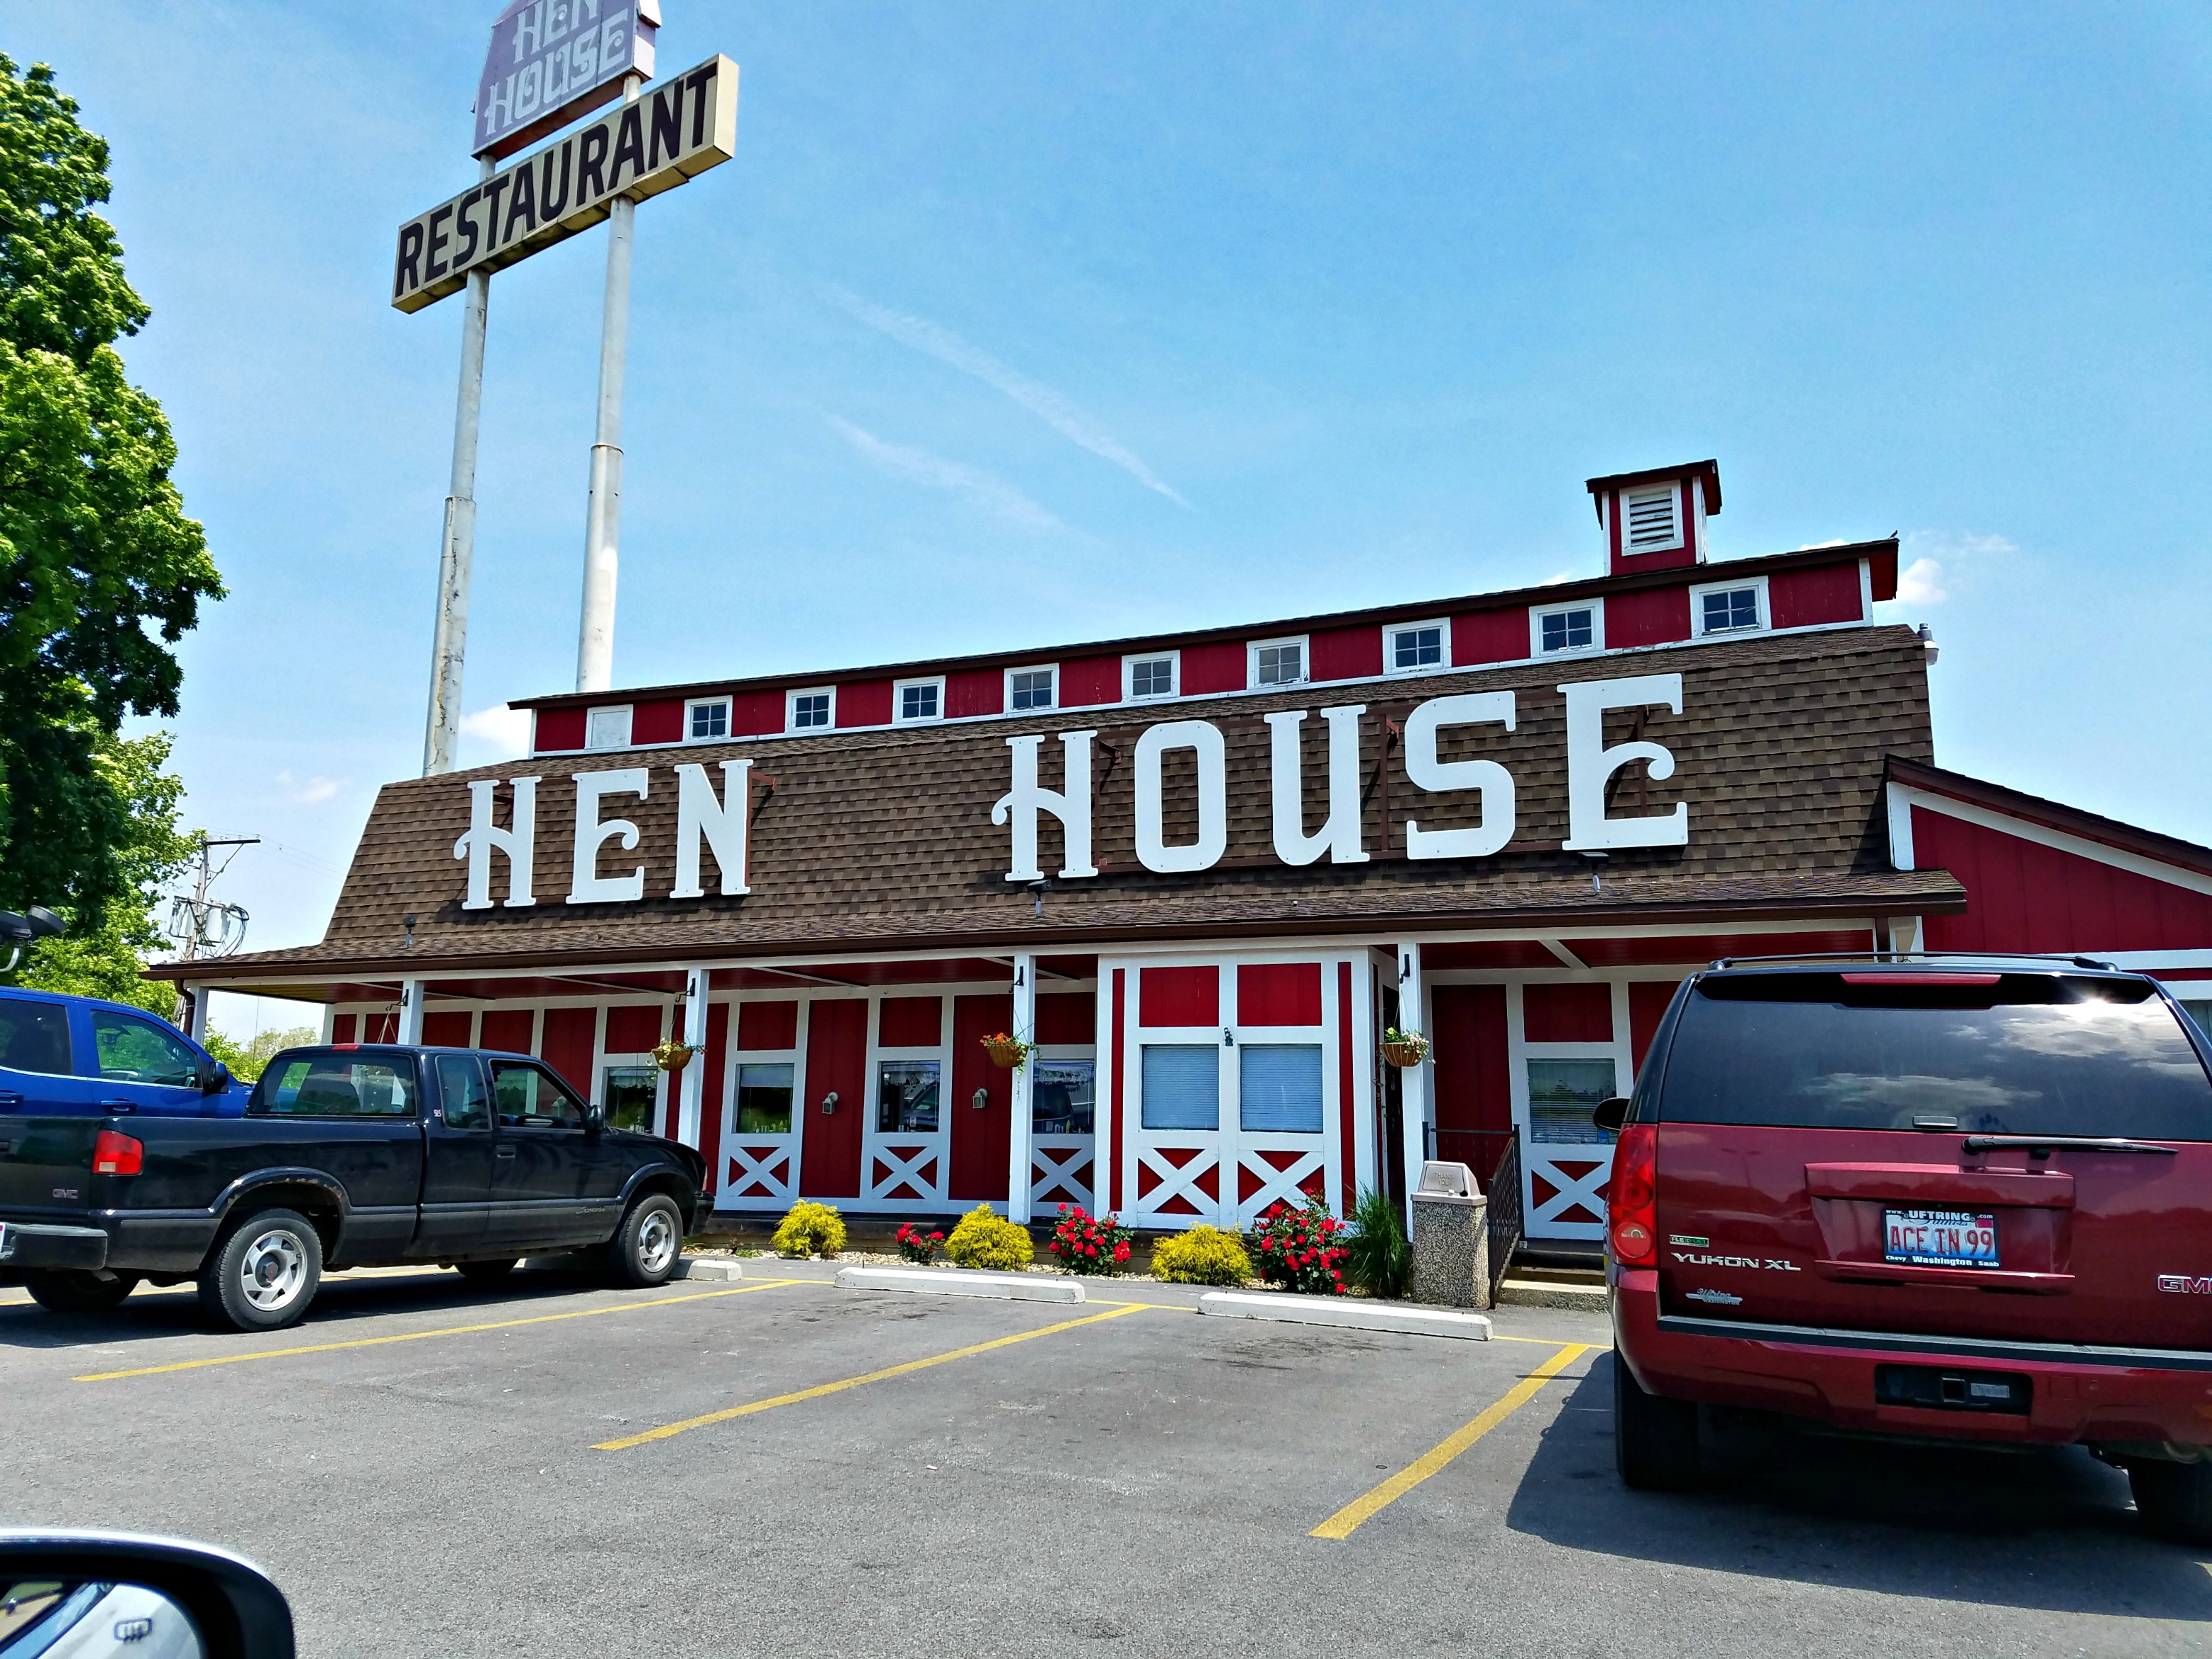 Hen House Restaurant Mahomet Illinois Meemaw Eats